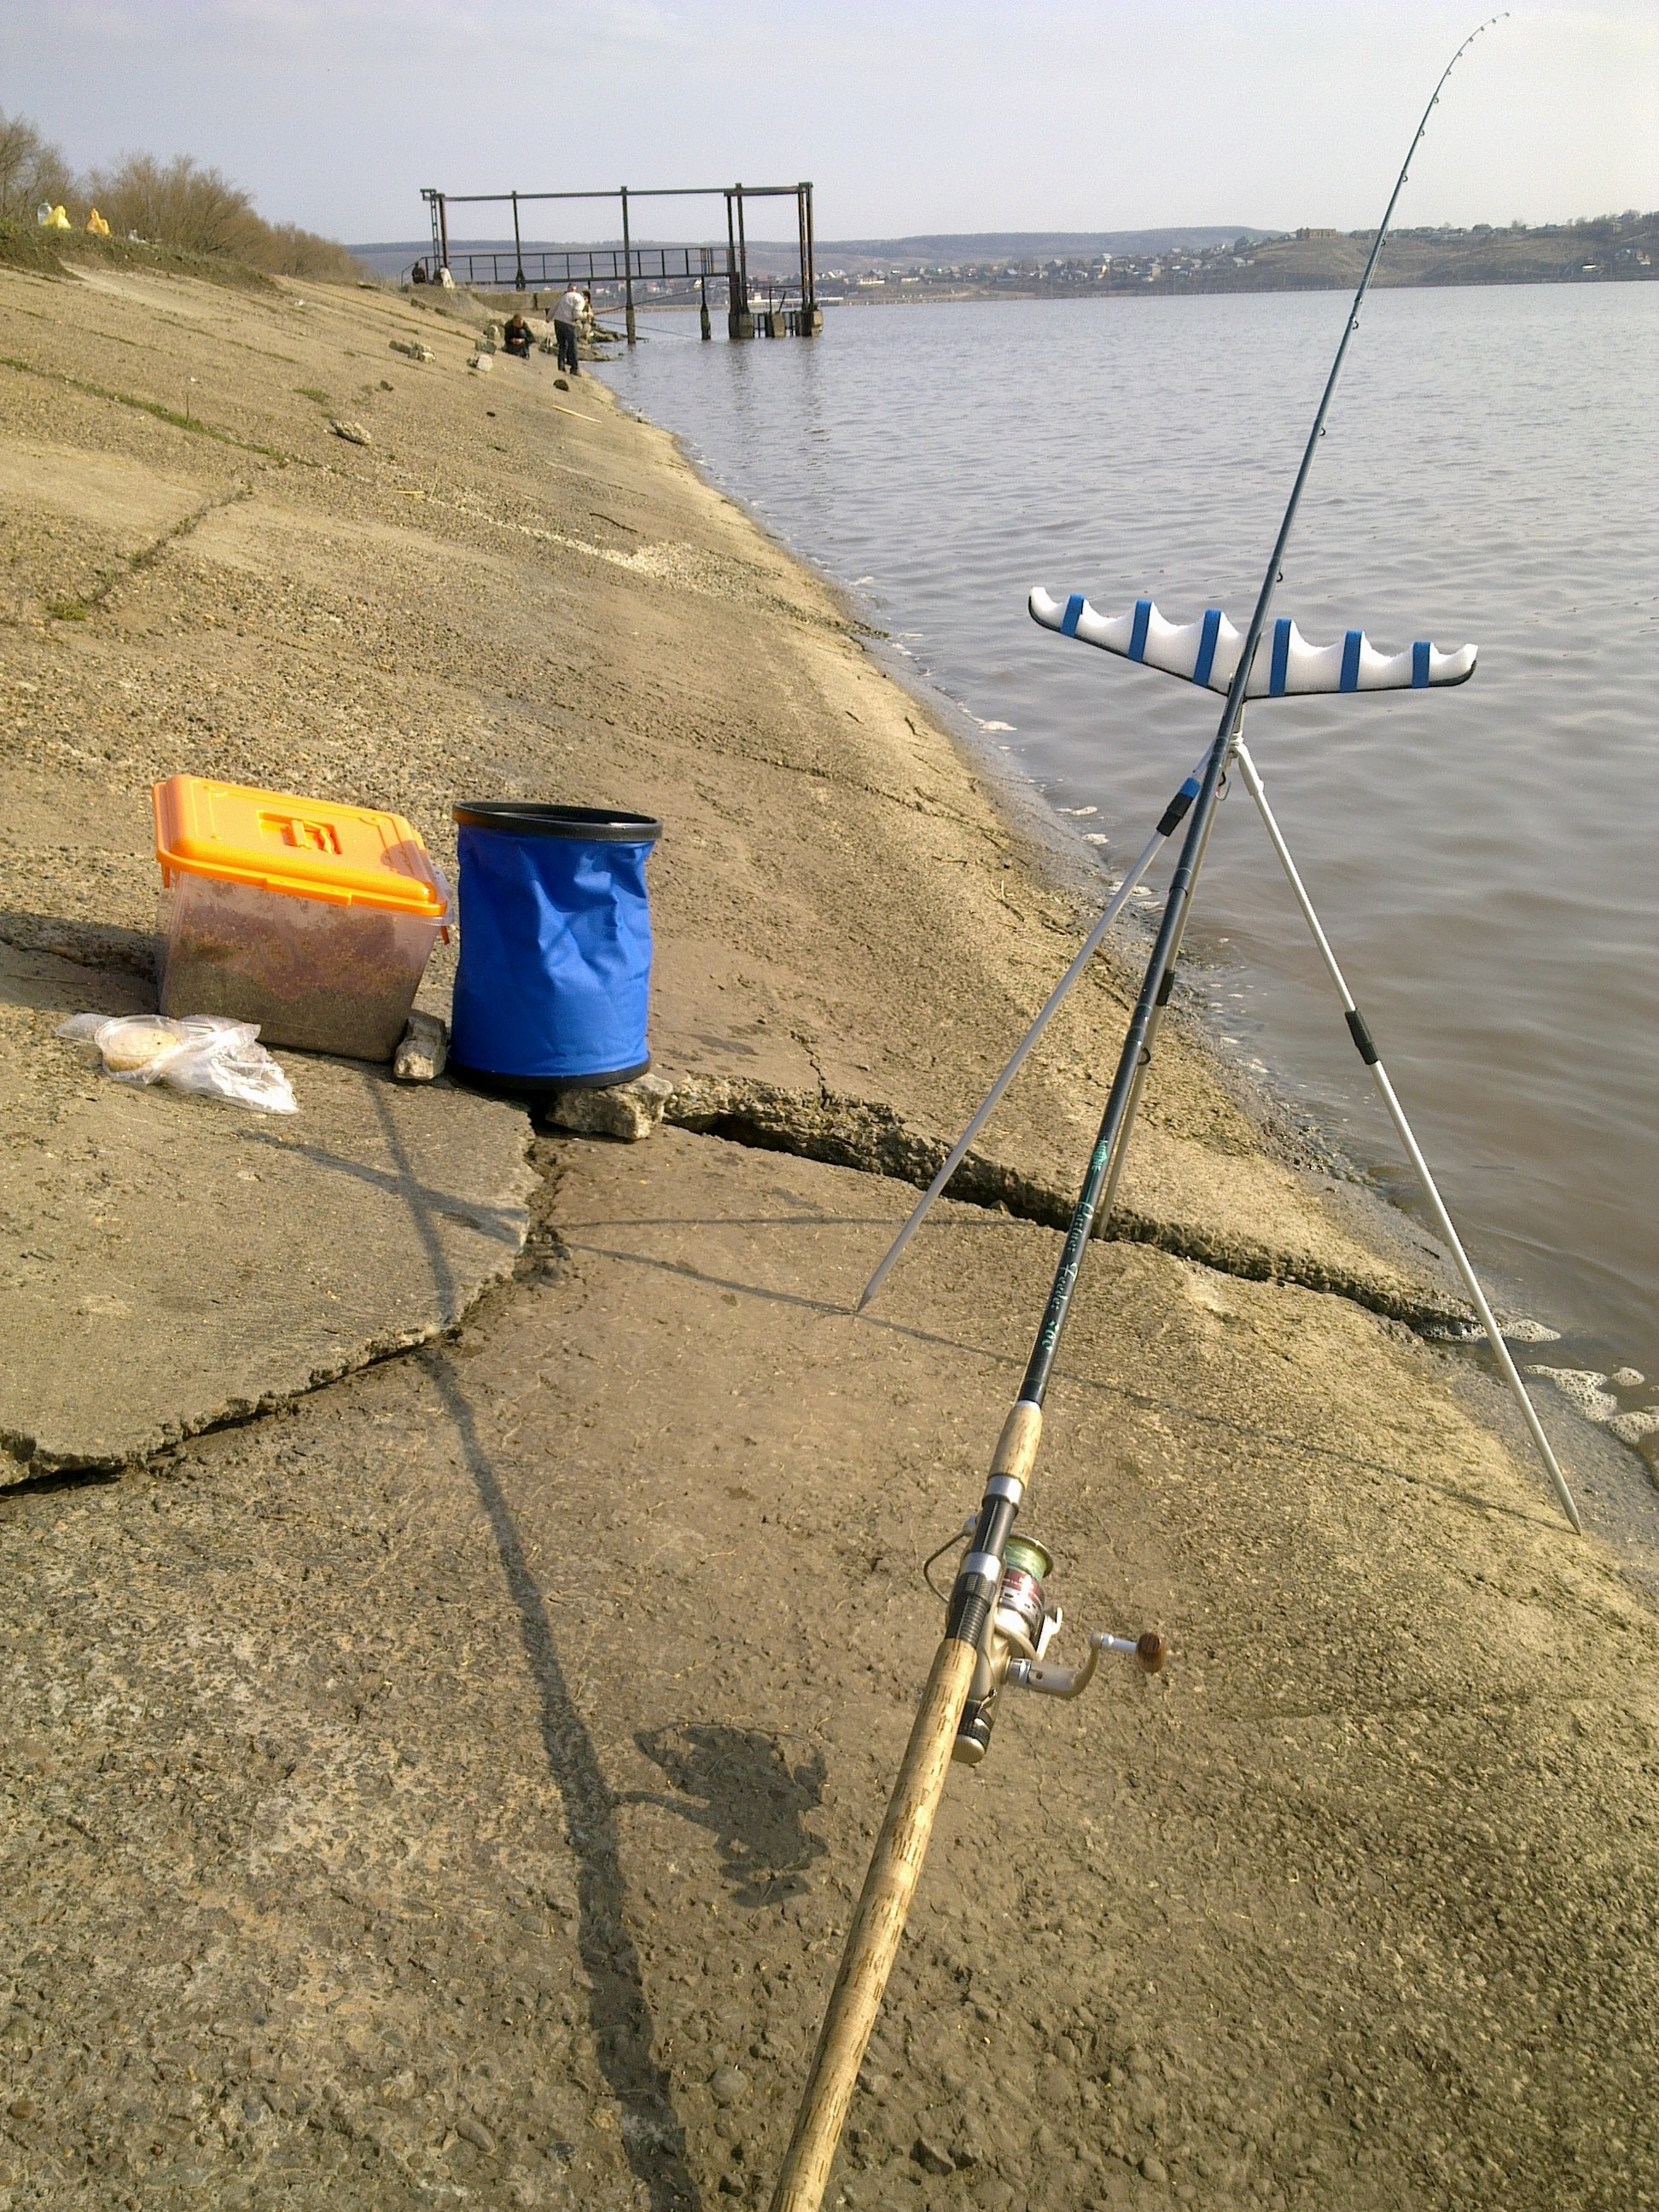 прогноз клева рыбы в заинске на 5 дней